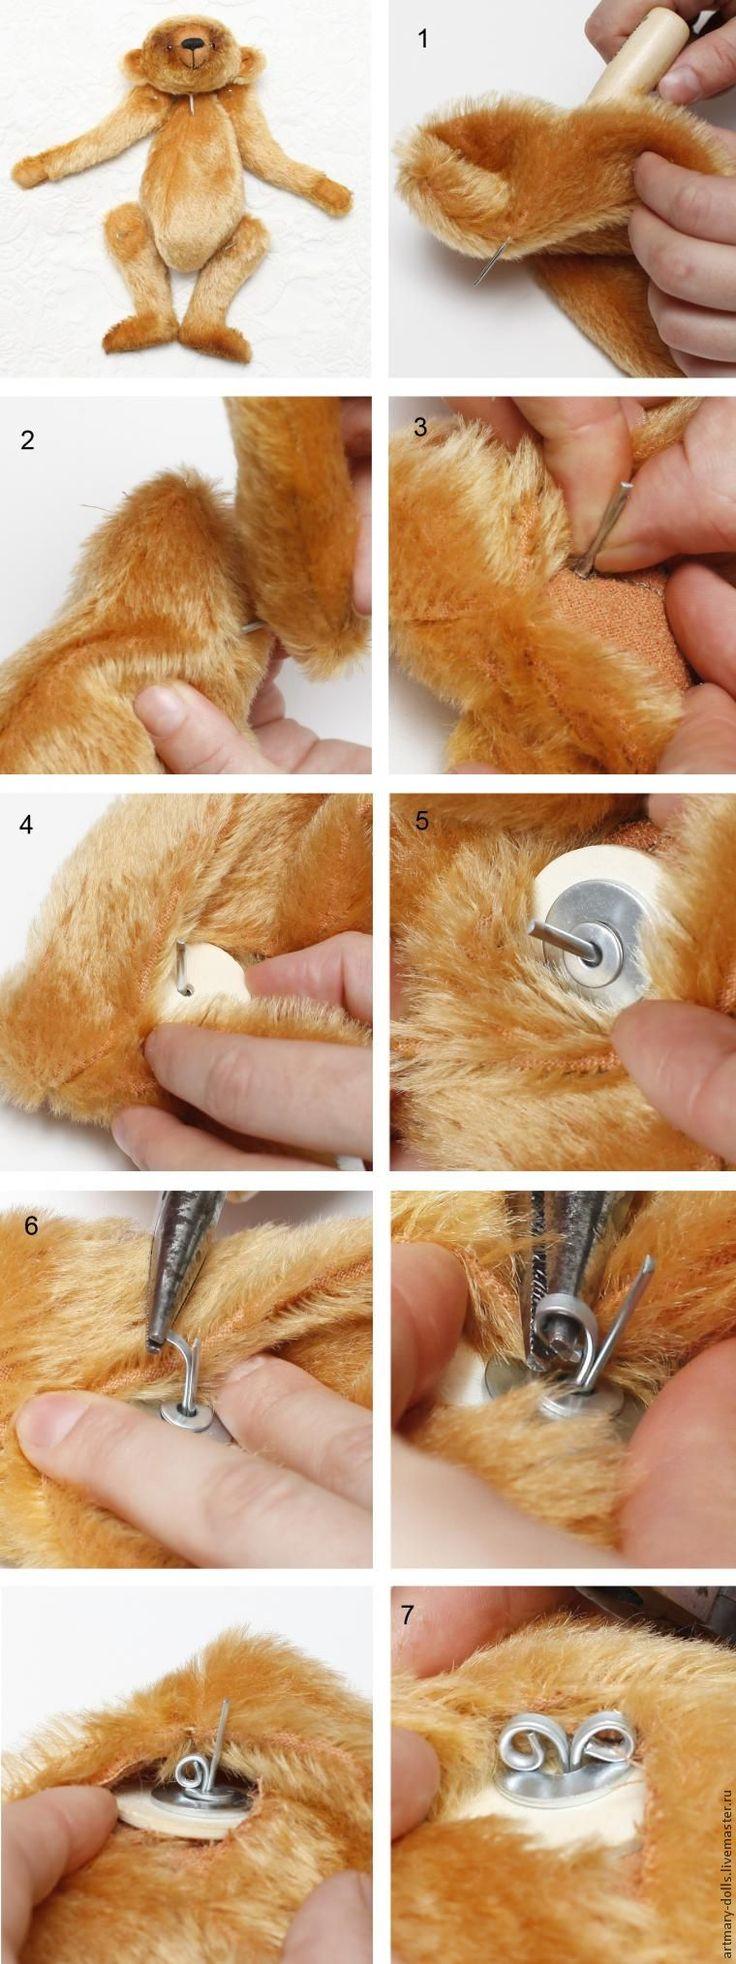 Вашему вниманию предлагается мастер-класс по шитью медведя по моей авторской выкройке.